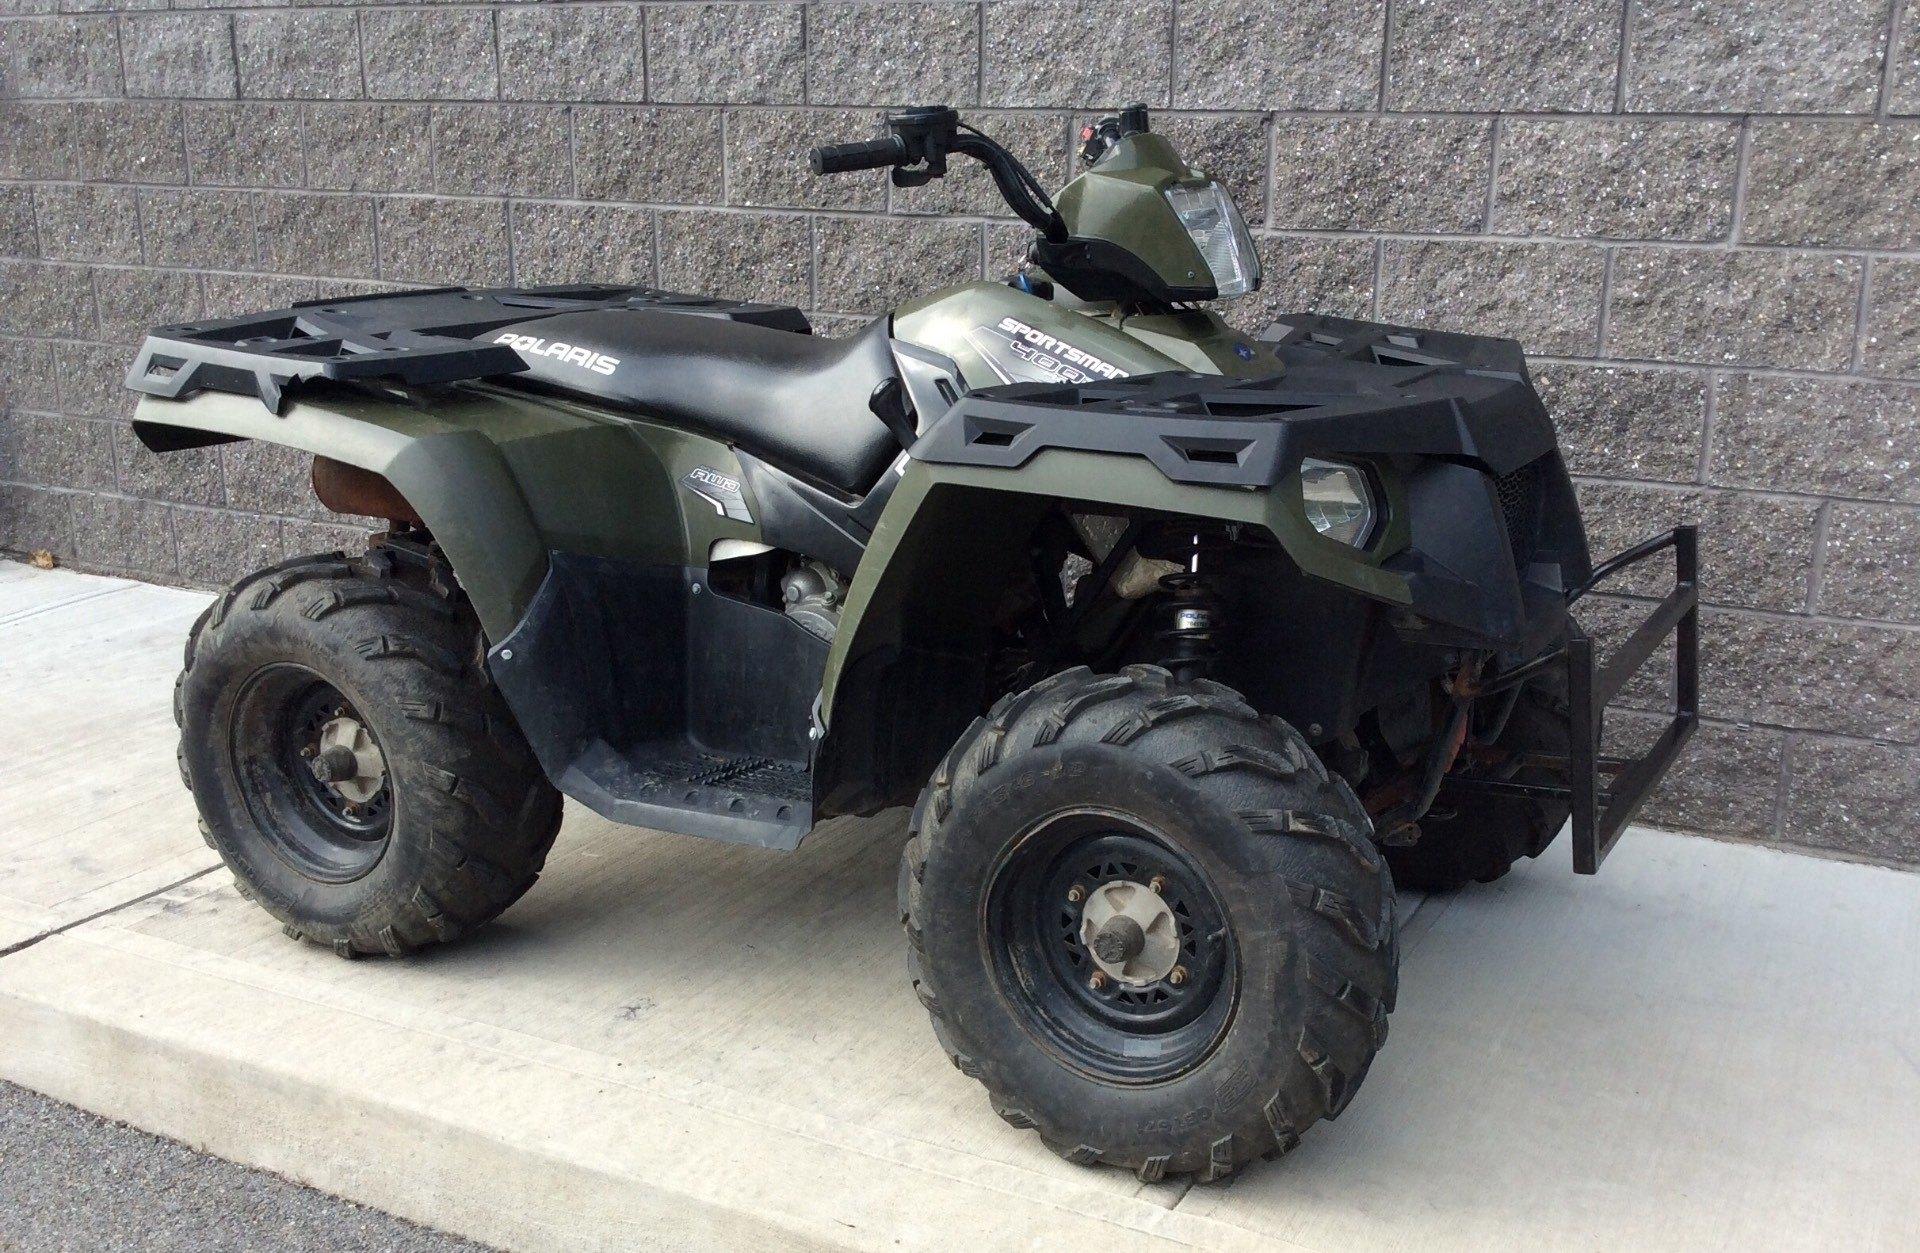 Used 2011 Polaris Sportsman® 400 H.O. ATVs in Goshen, NY